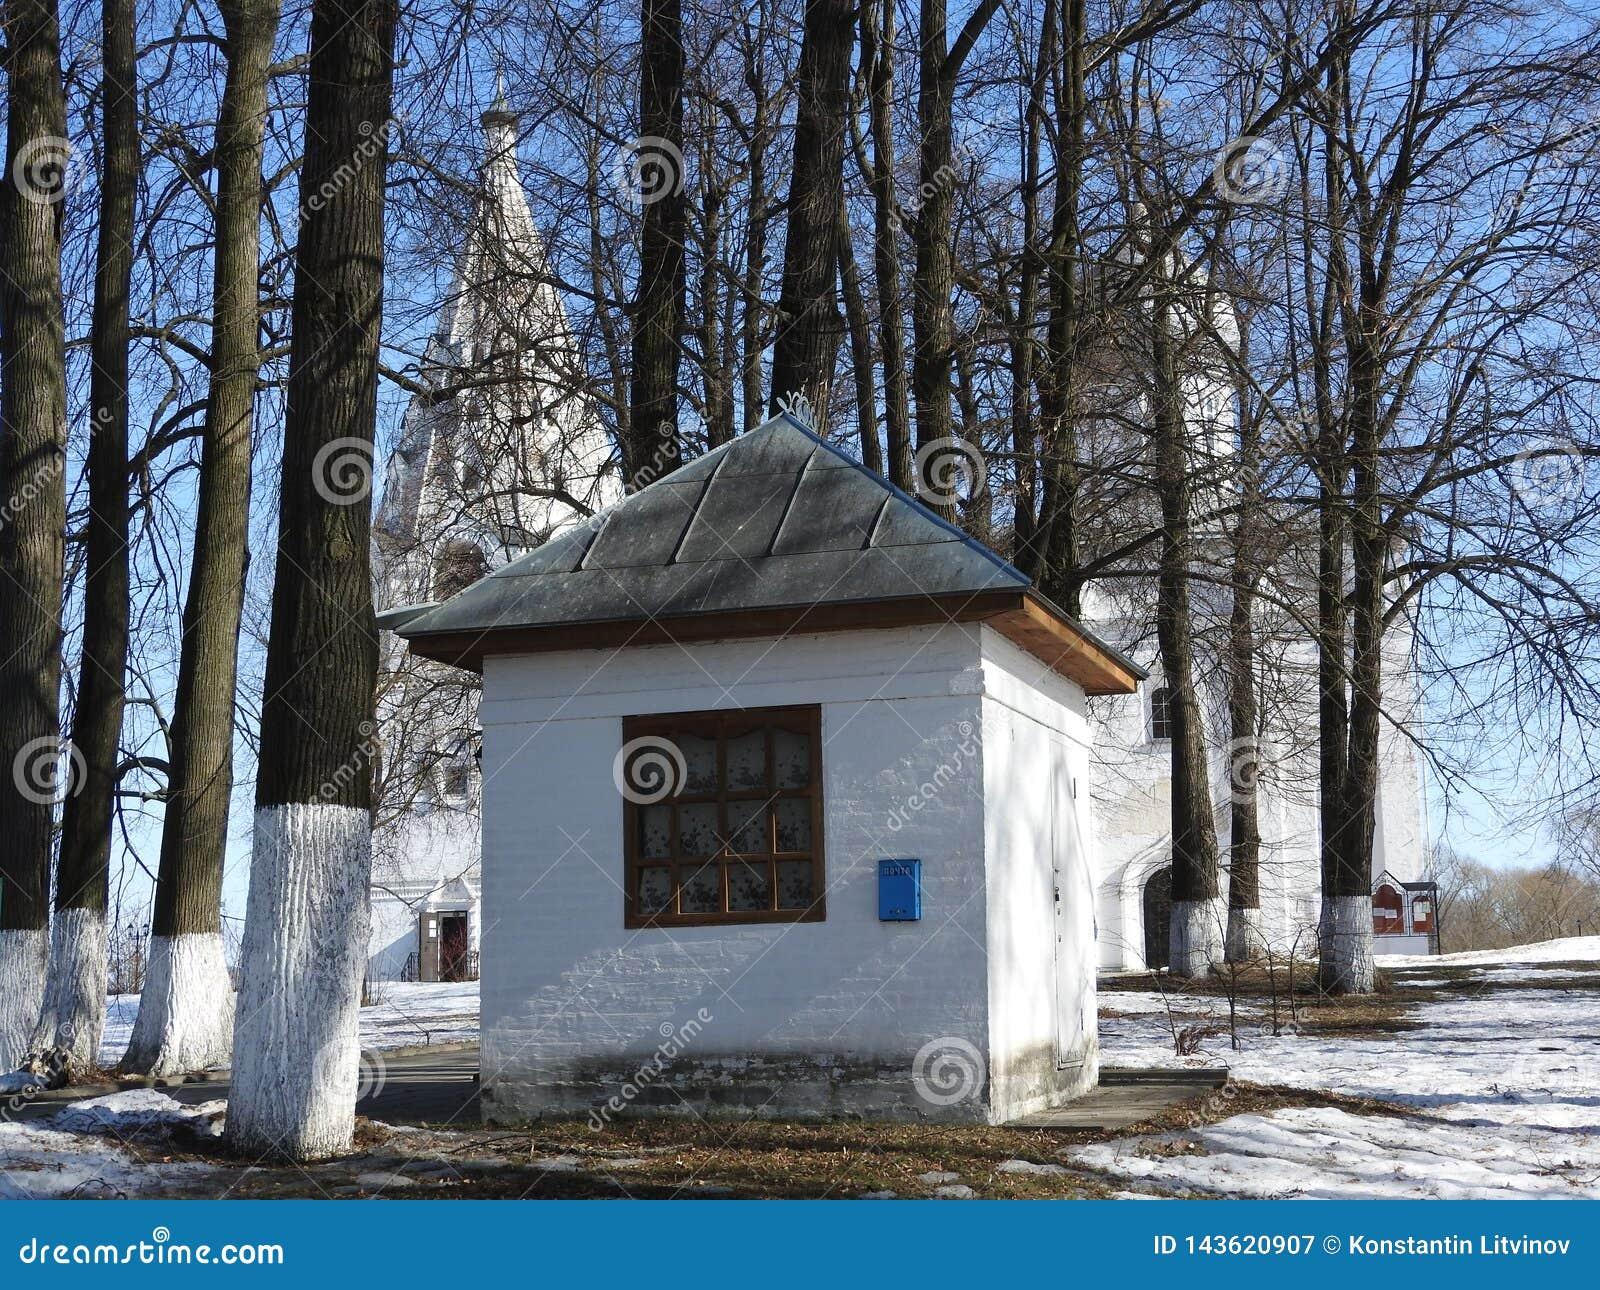 一个剧烈冬天的苛刻的俄国人,没有对腰部的衣裳,从后面,滚动有孩子的一个轻便小床